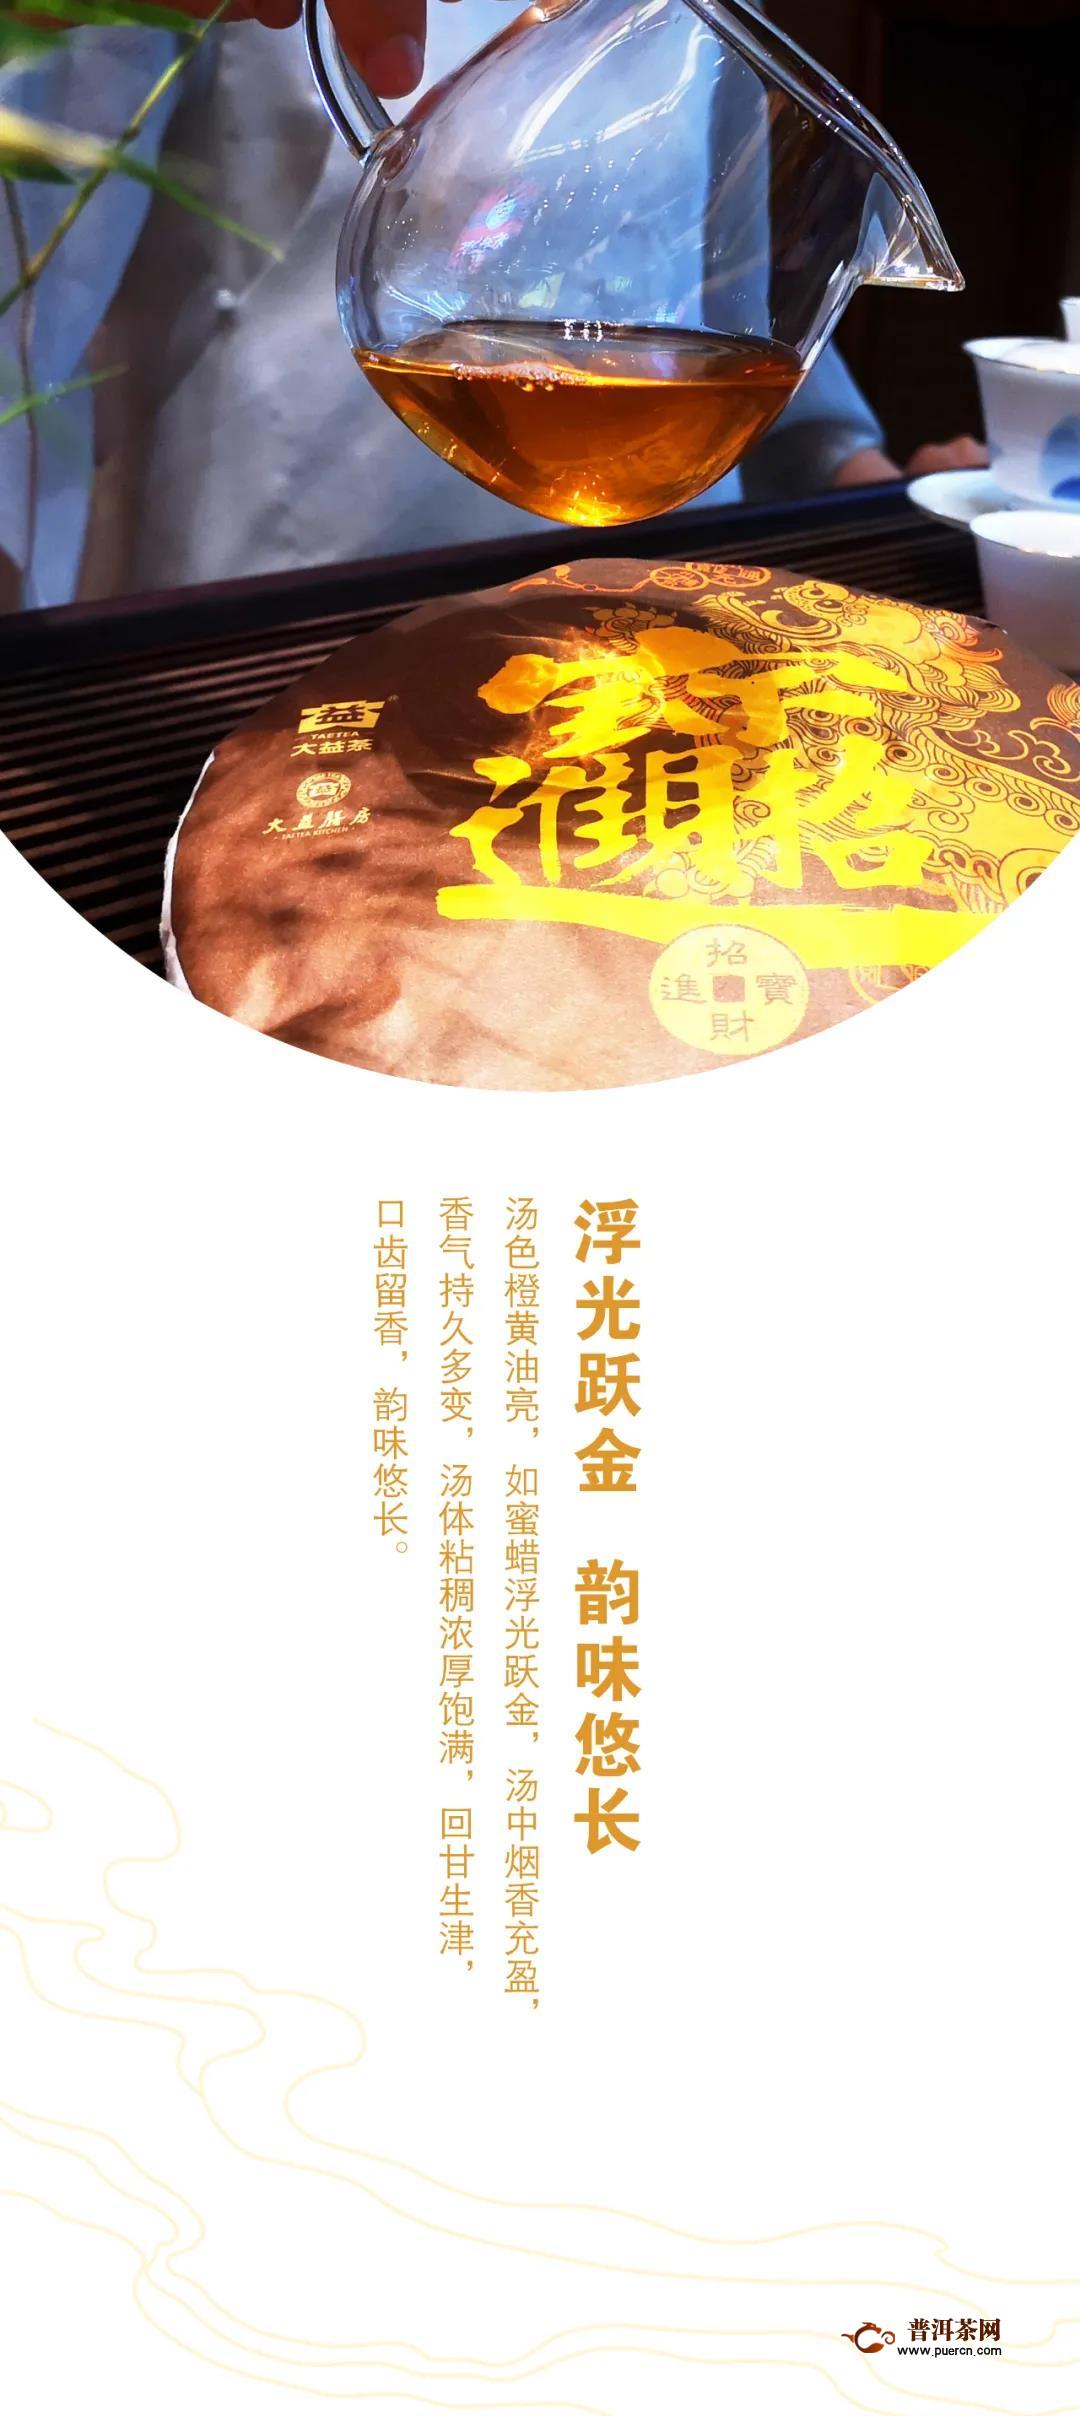 大益膳房新款茶品「招财进宝」即将发售!